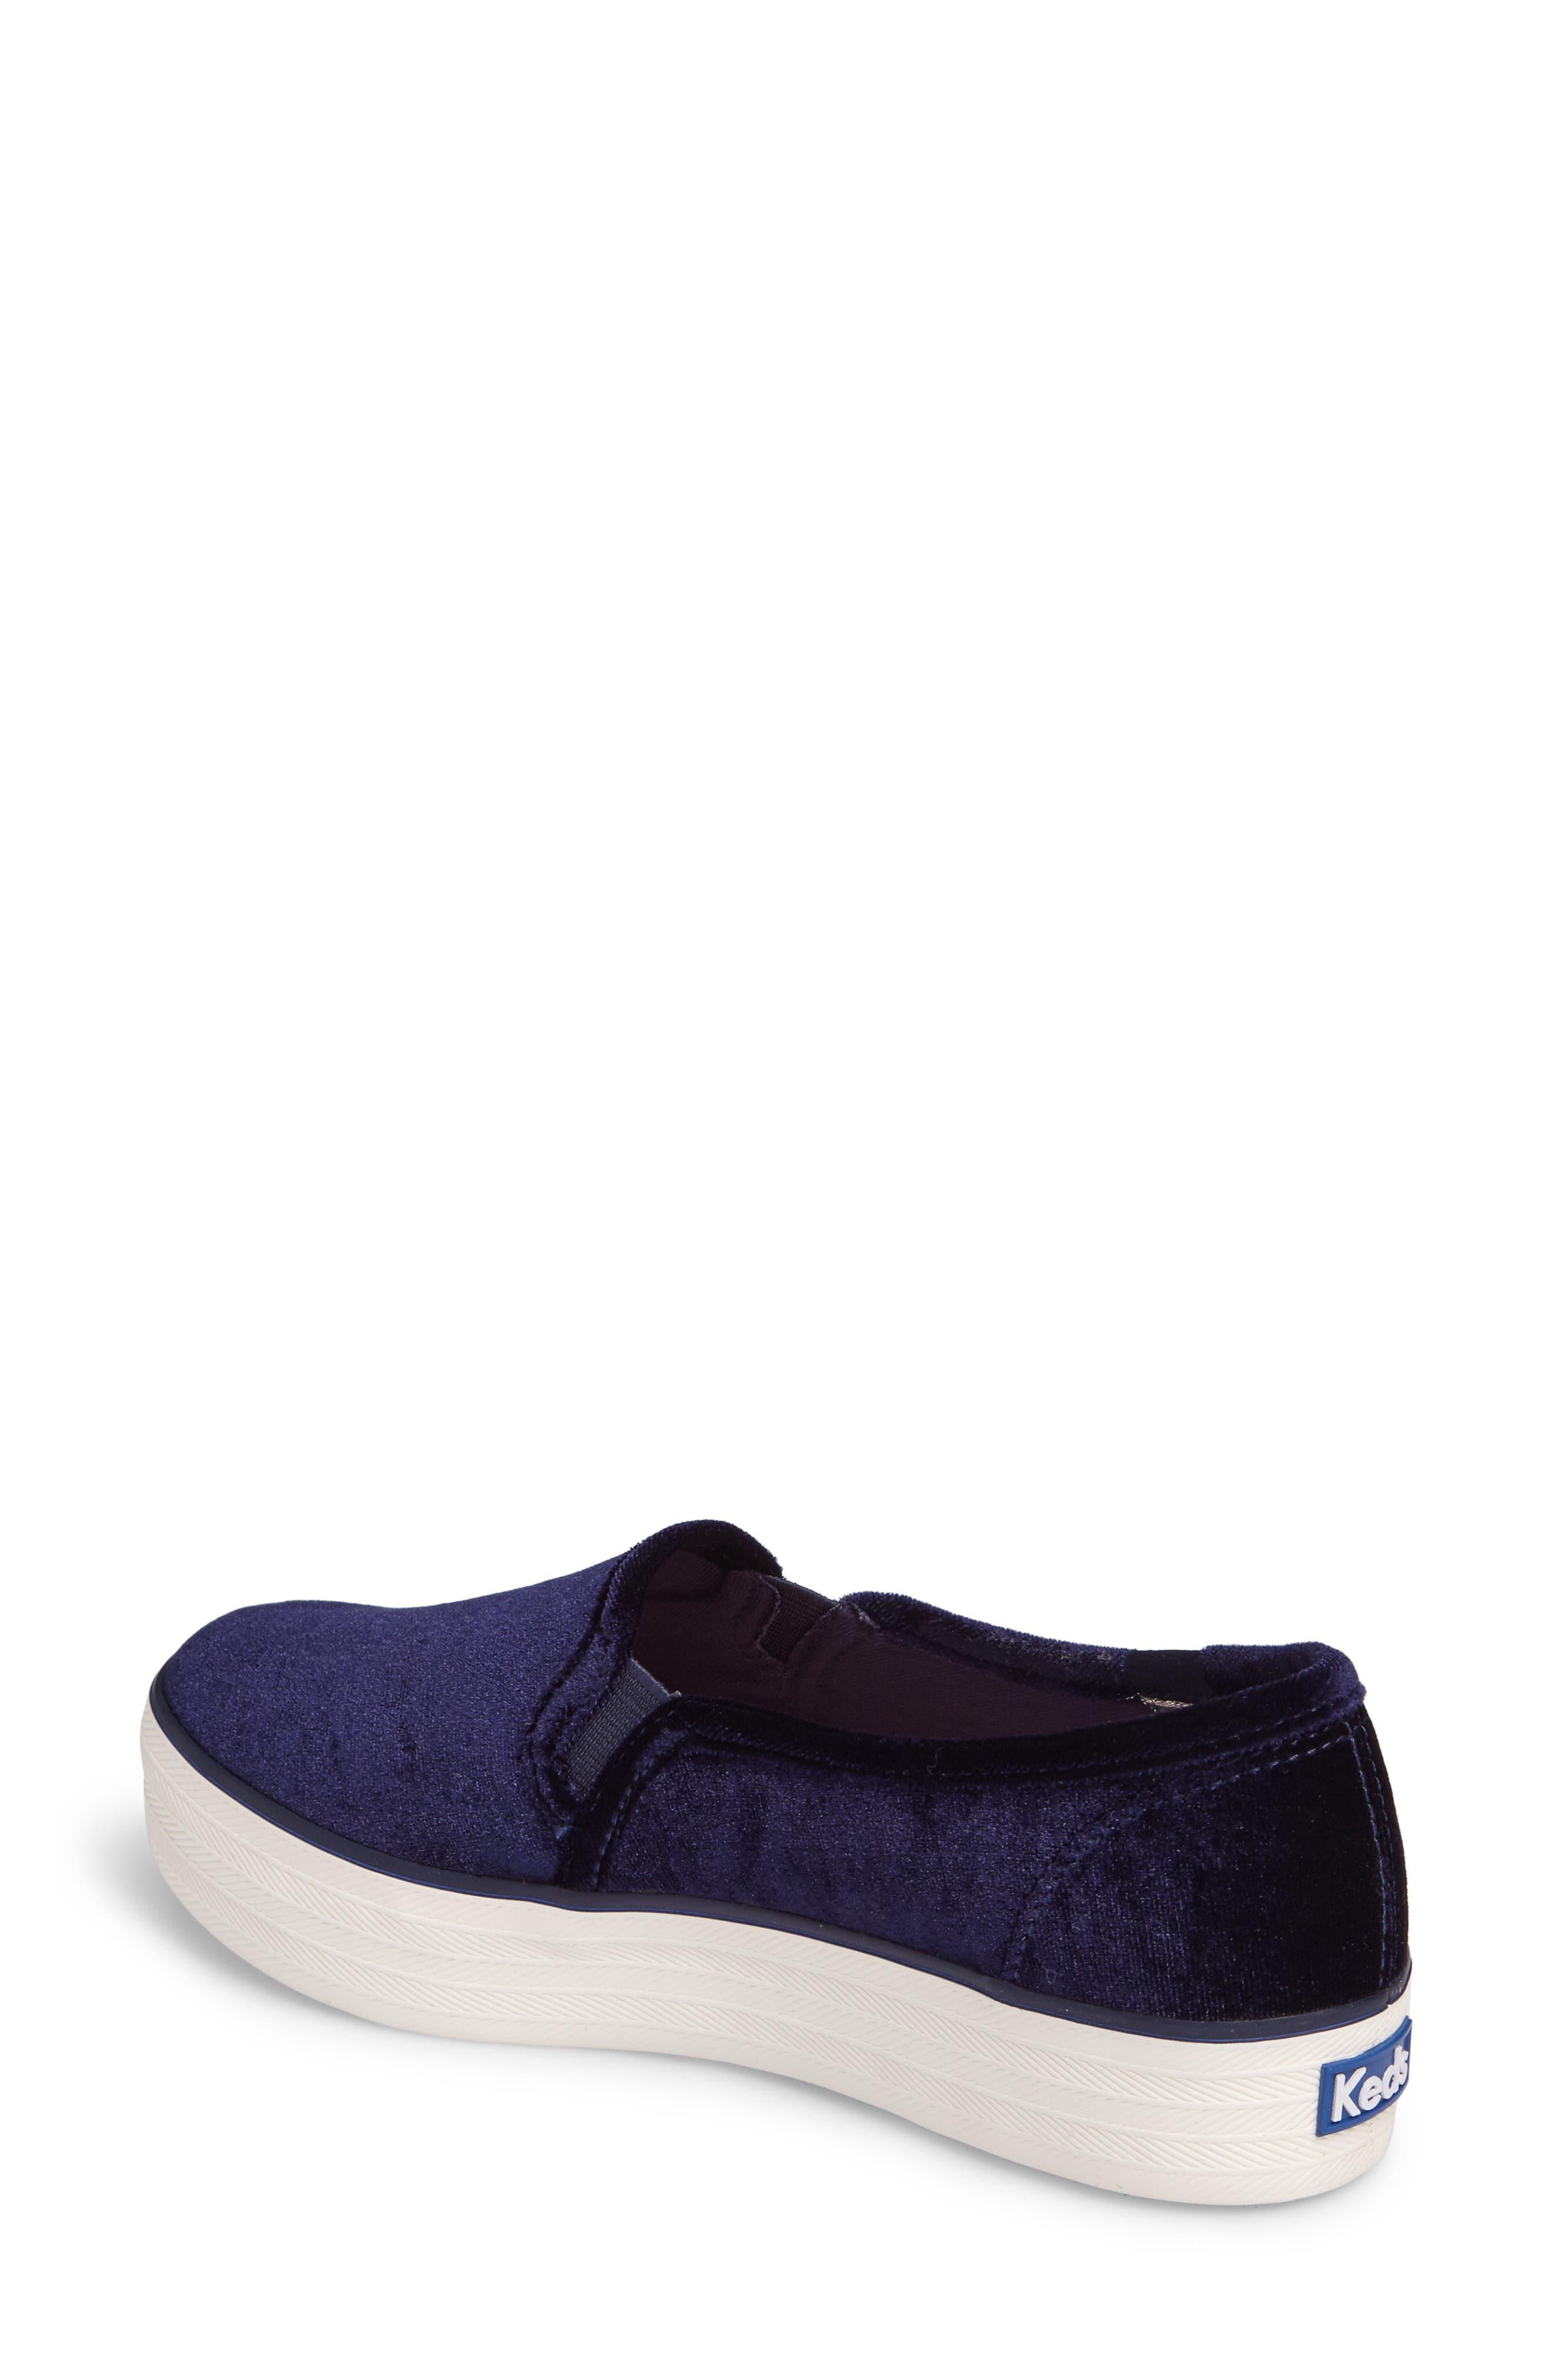 Triple Decker Slip-On Platform Sneaker,                             Alternate thumbnail 17, color,